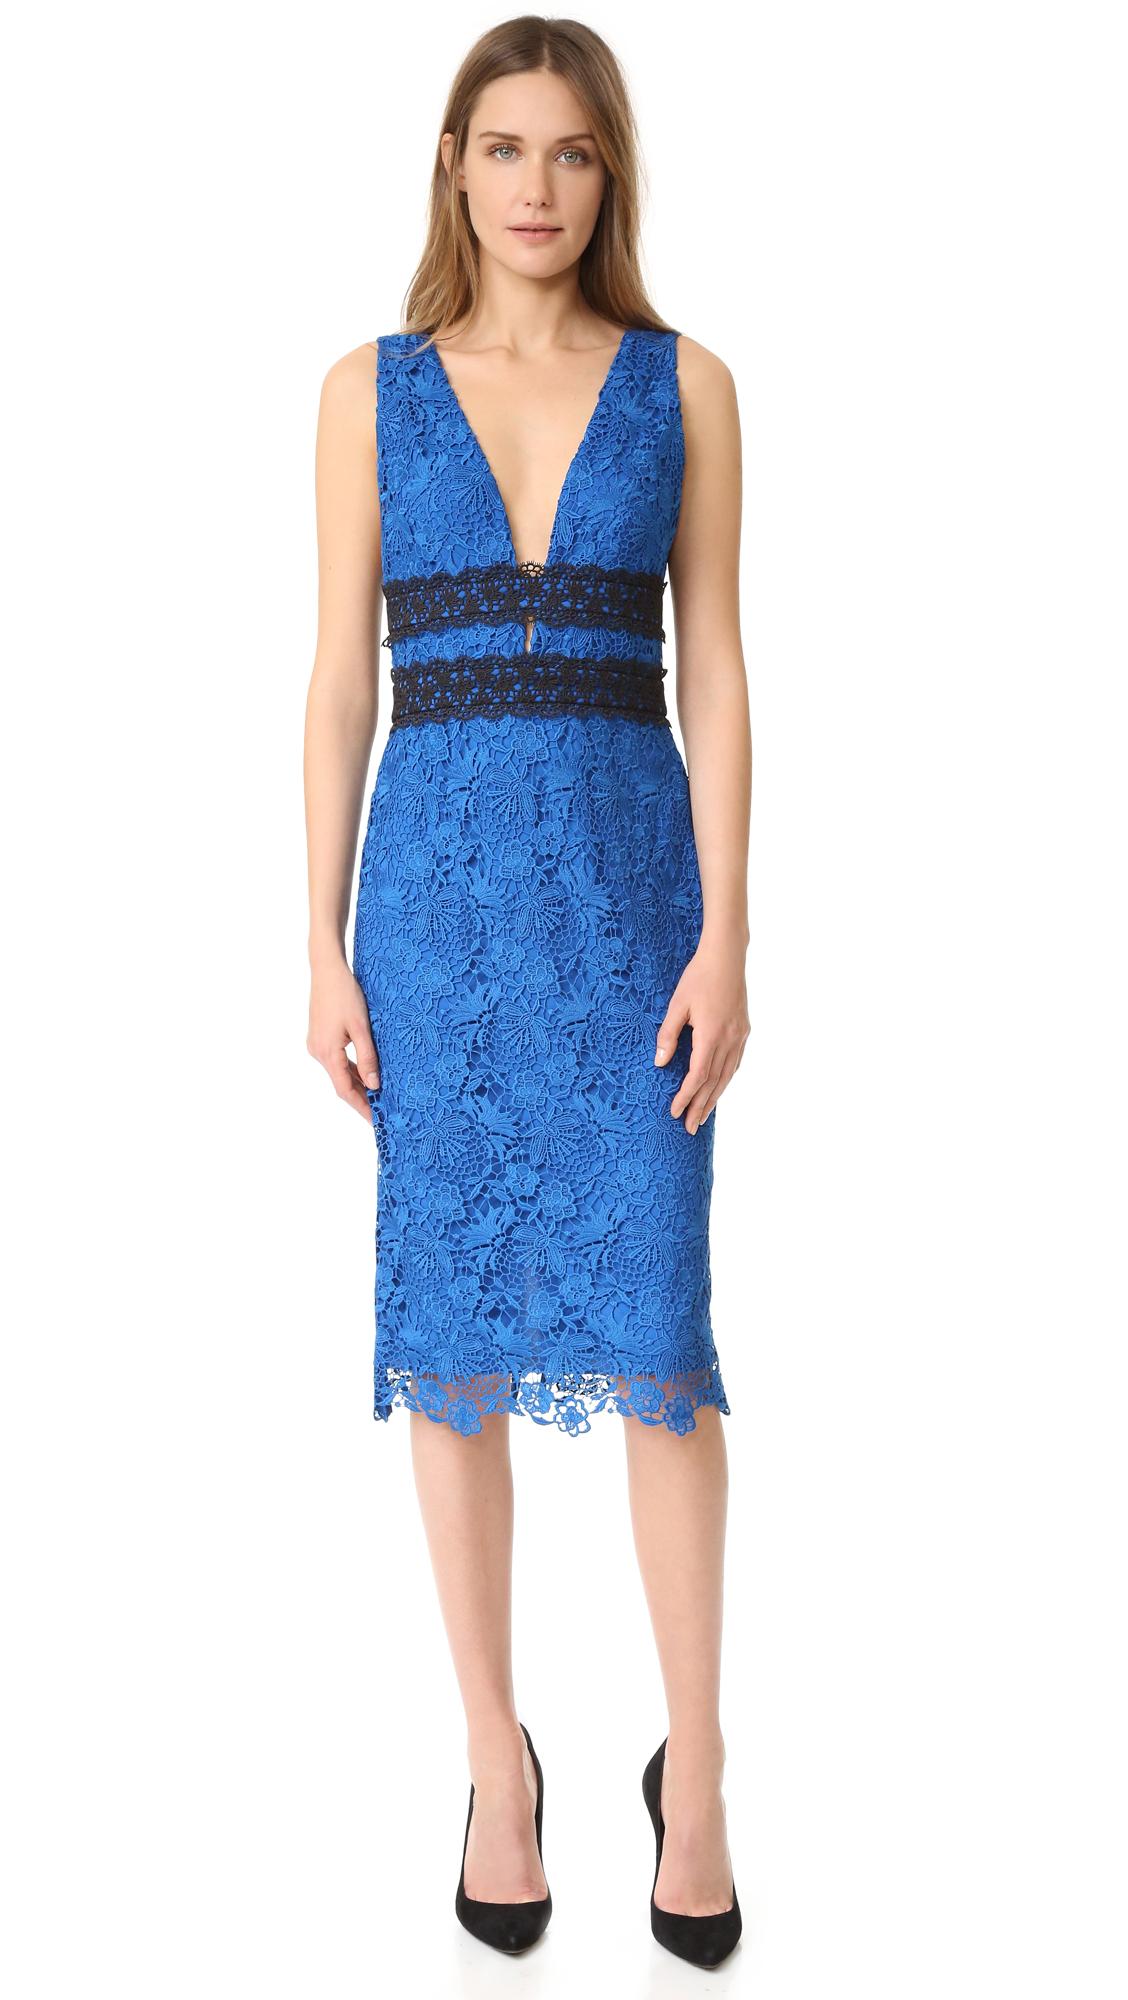 diane von furstenberg female diane von furstenberg viera lace dress neptune blueblack